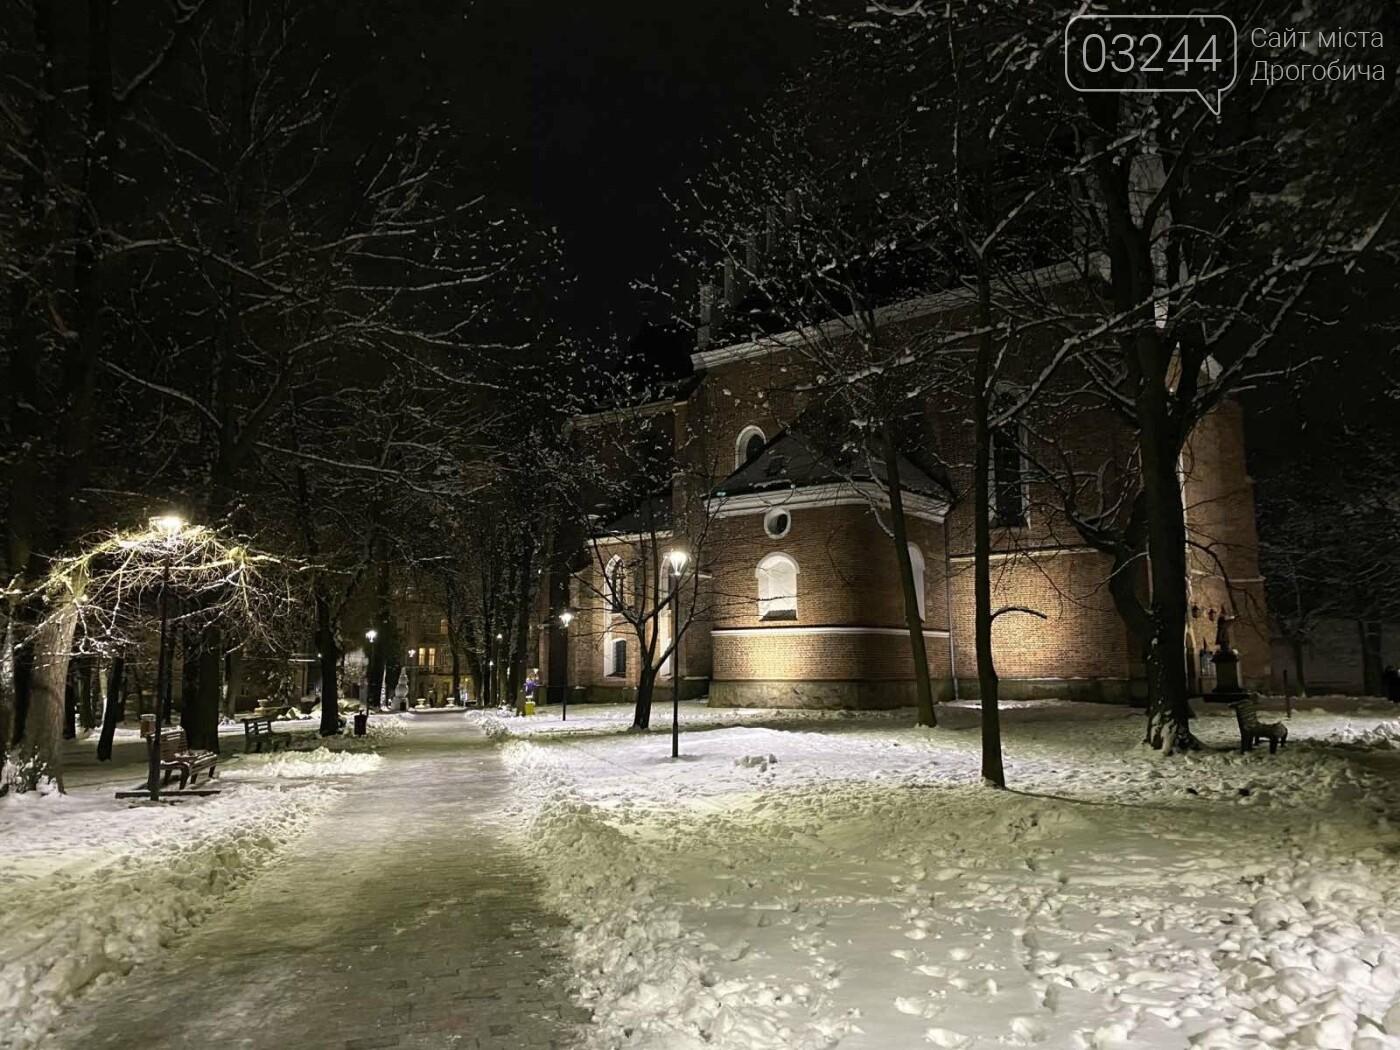 Снігова магія нічних вулиць Дрогобича, - Фоторепортаж, фото-2